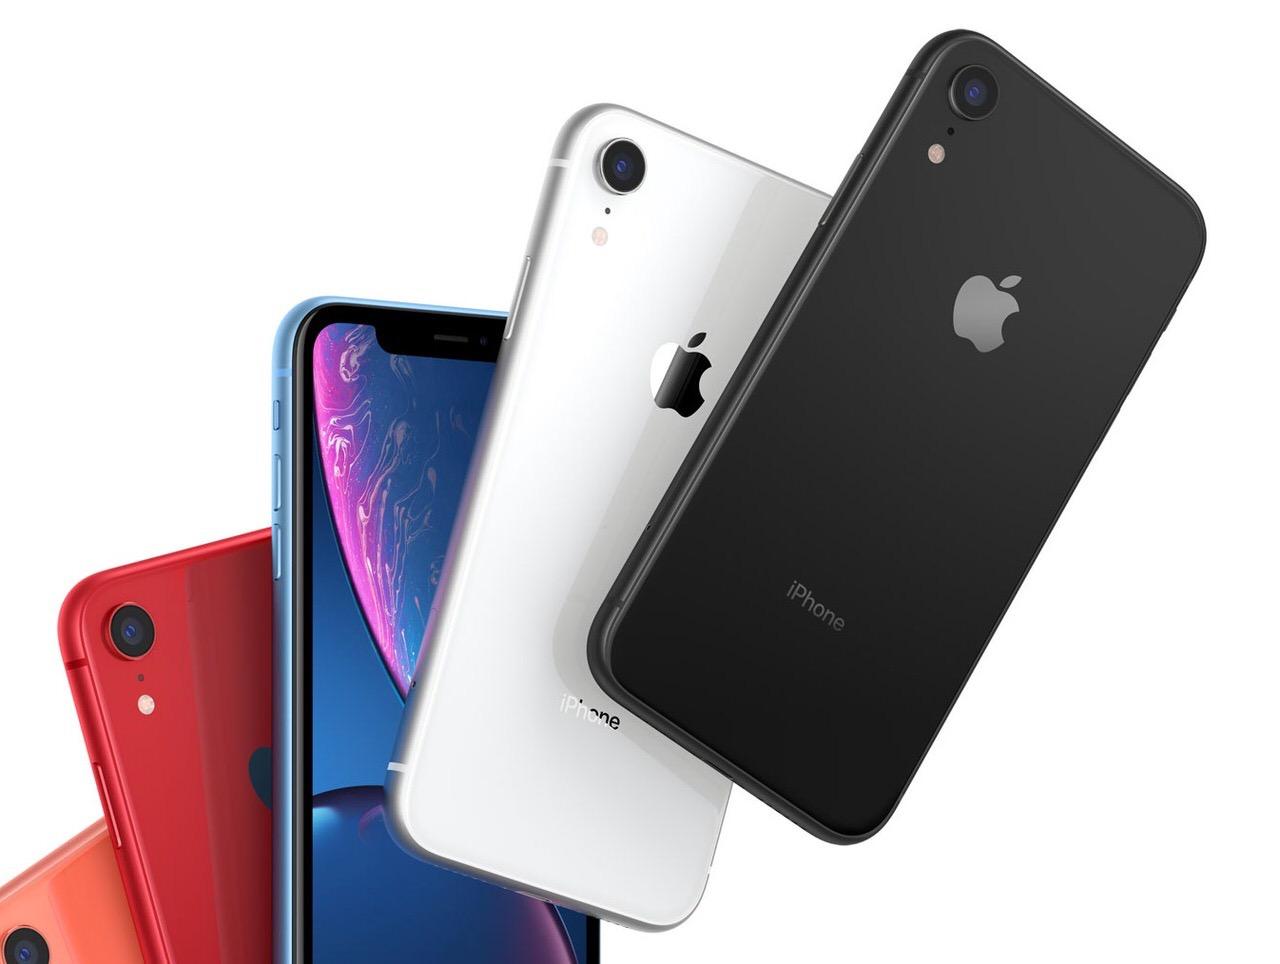 2020年リリースのiPhoneは有機ELディスプレイ搭載の3機種か?